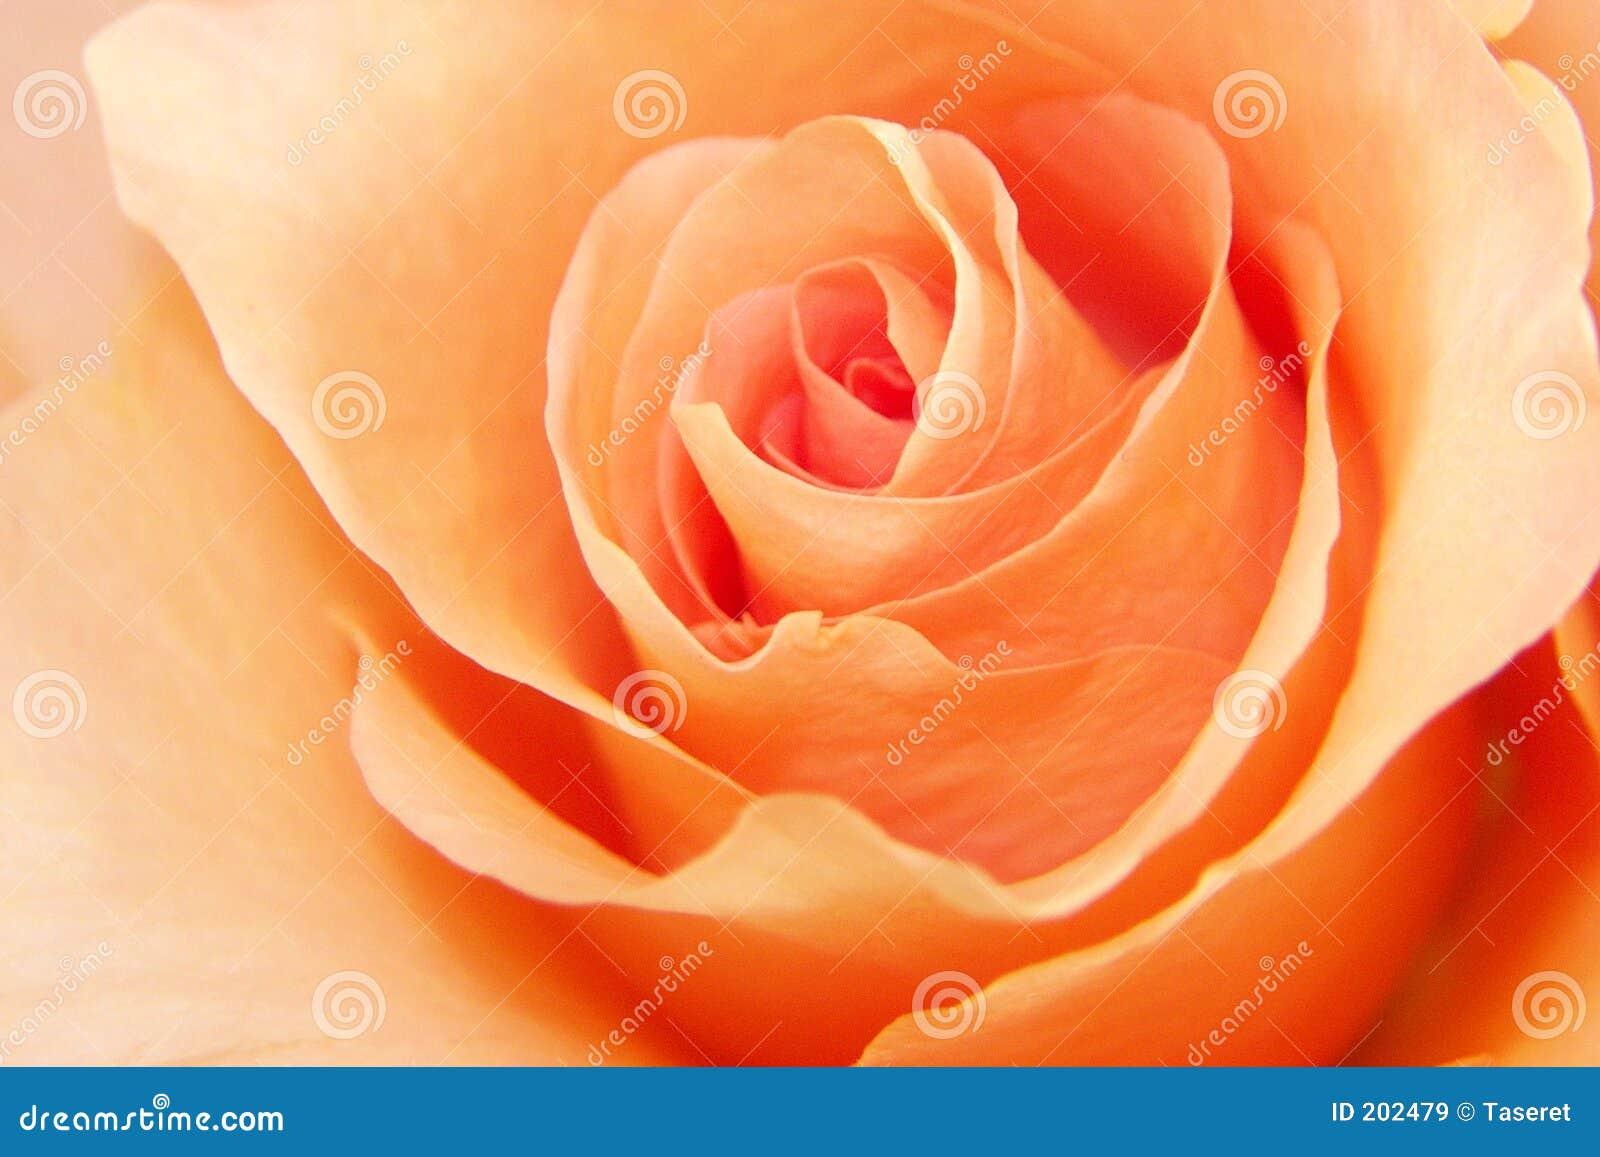 Download Amore Della Rosa Della Pesca Immagine Stock - Immagine di particolare, fiore: 202479